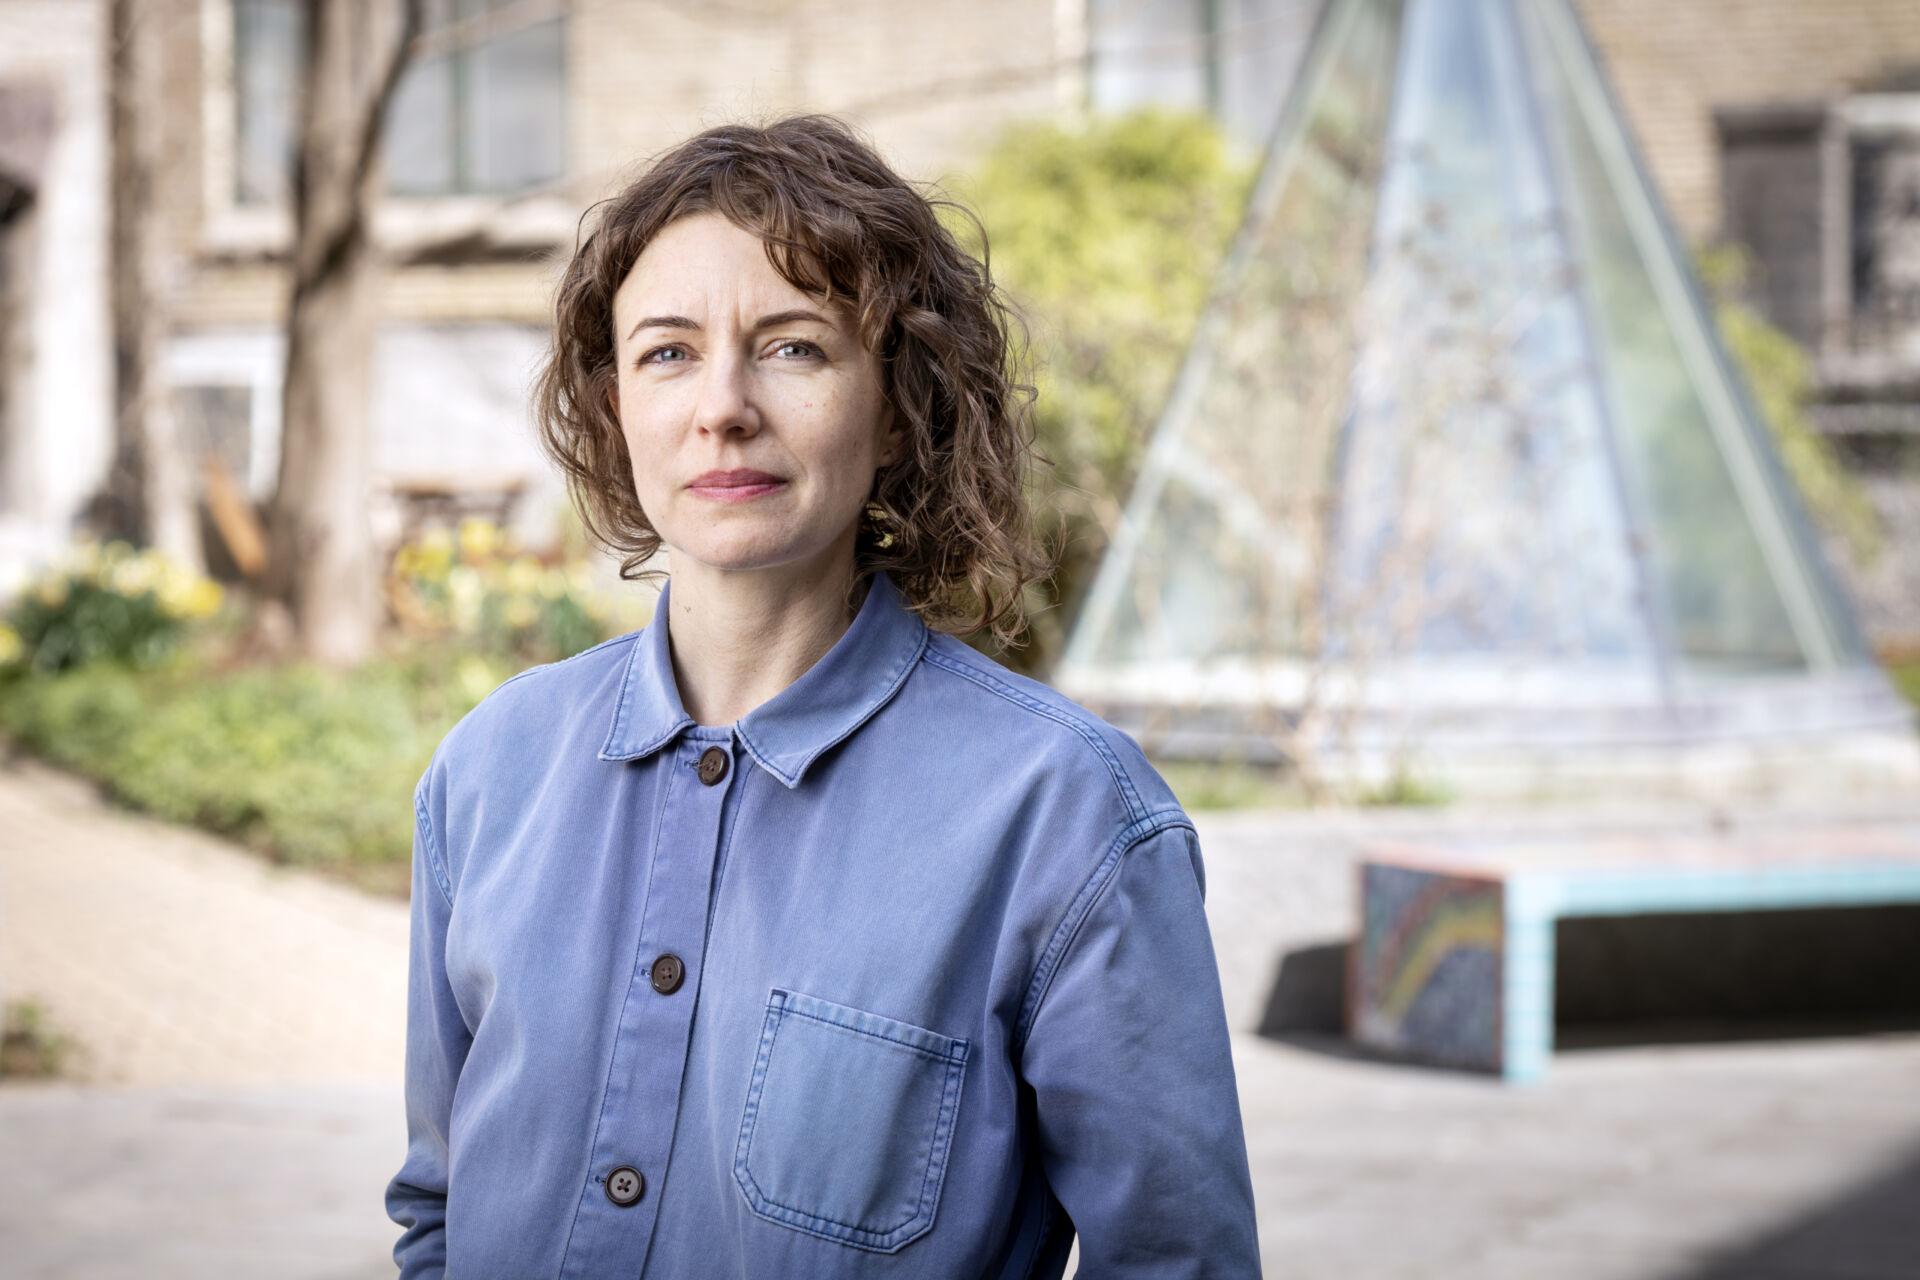 En kvinna med brunt axellång htår och blå skjorta står framför en äldre byggnad